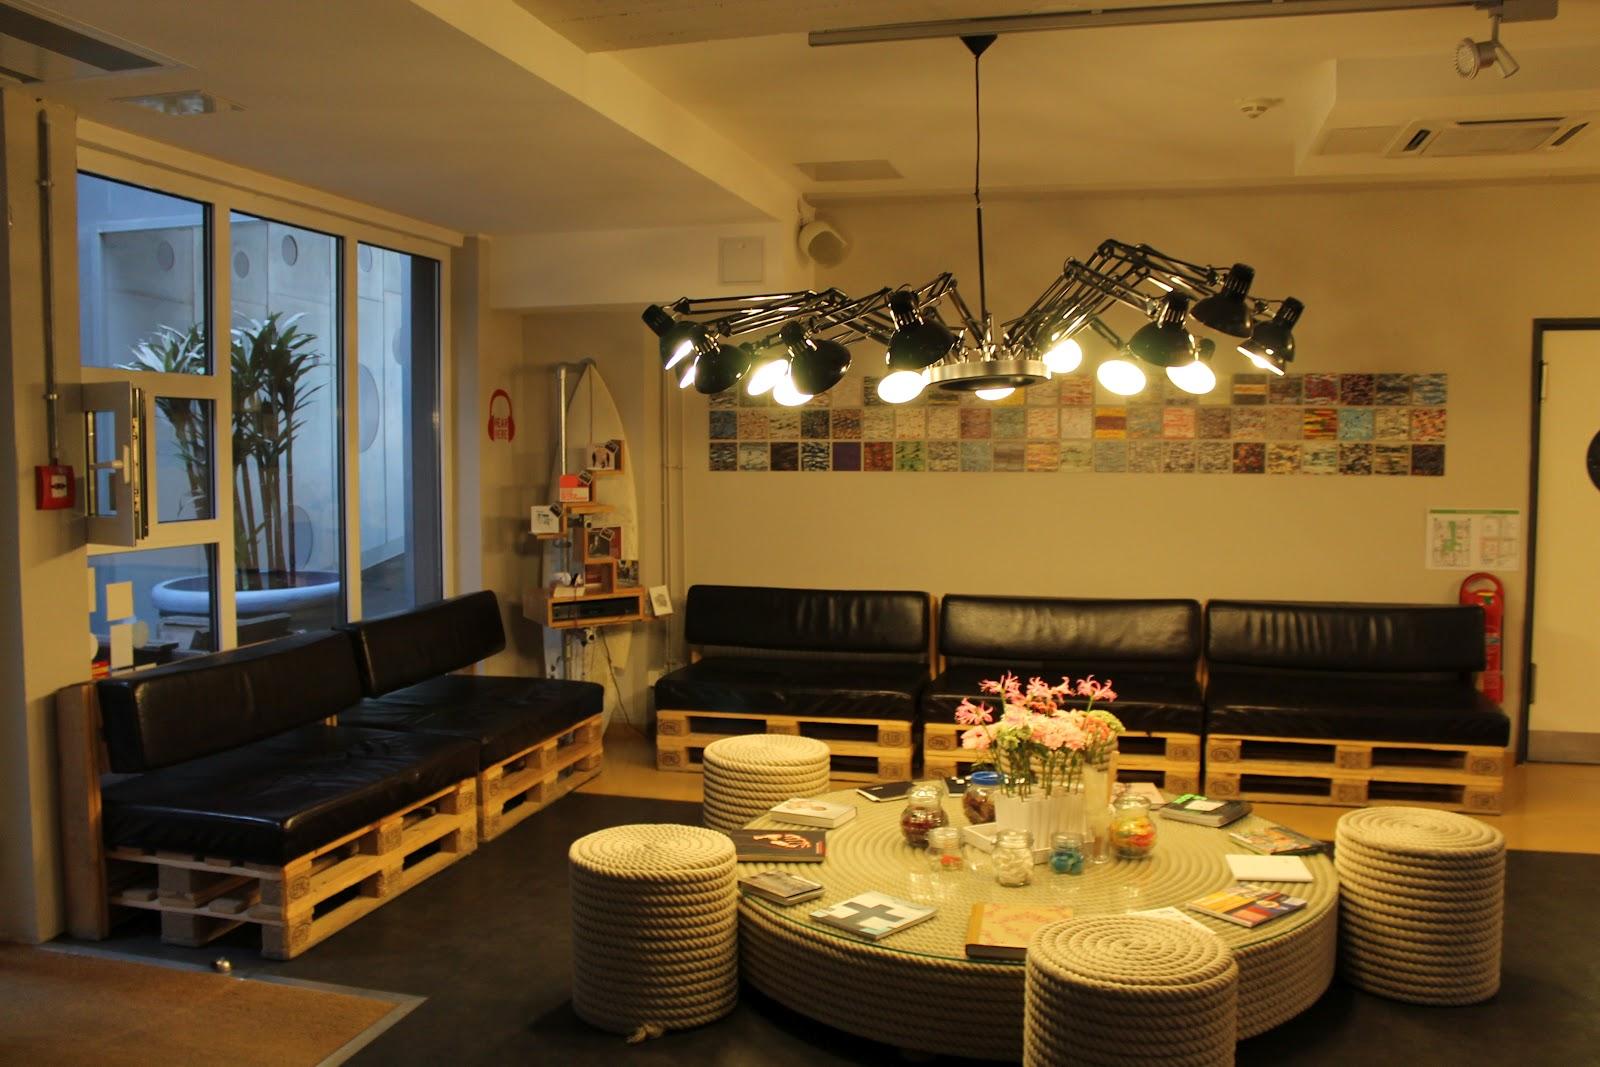 dingsbumms 1 hamburg. Black Bedroom Furniture Sets. Home Design Ideas